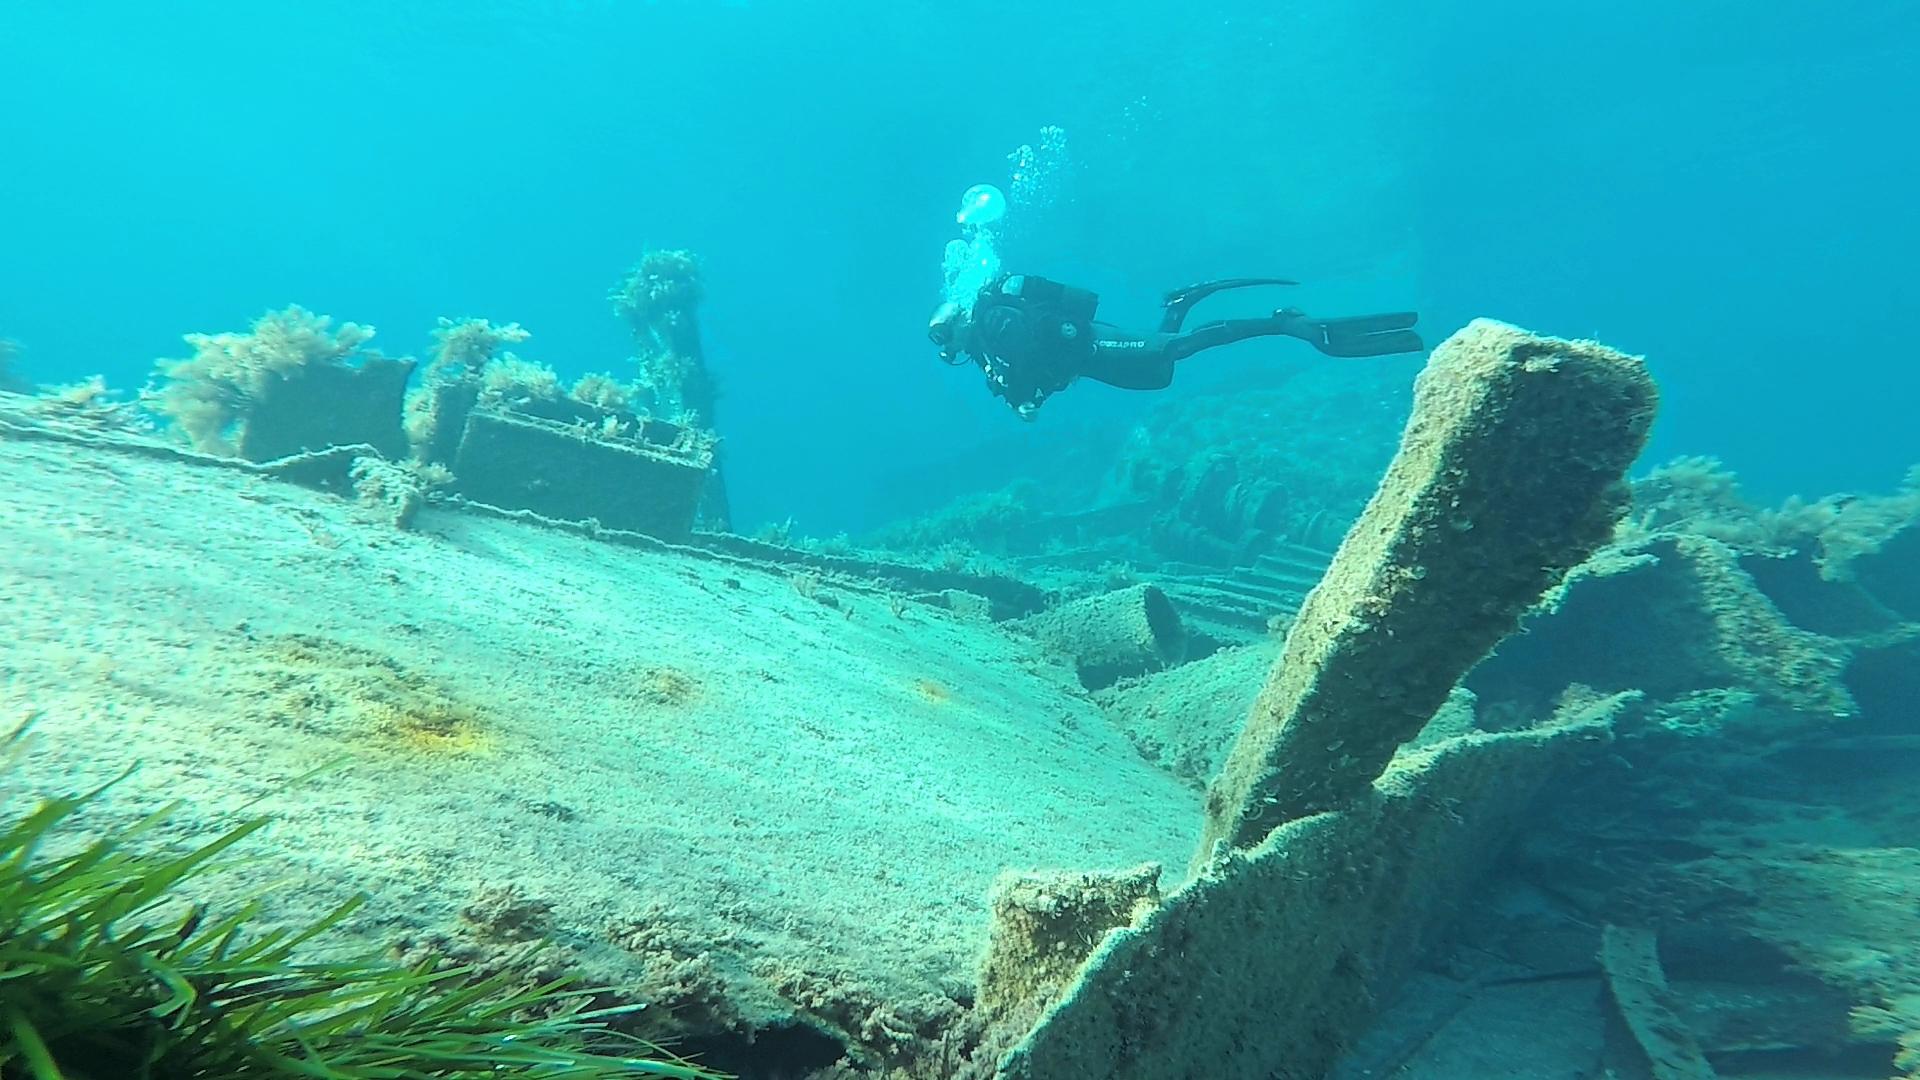 scuba-diving-lessons-limassol-cy-cyprus-dive